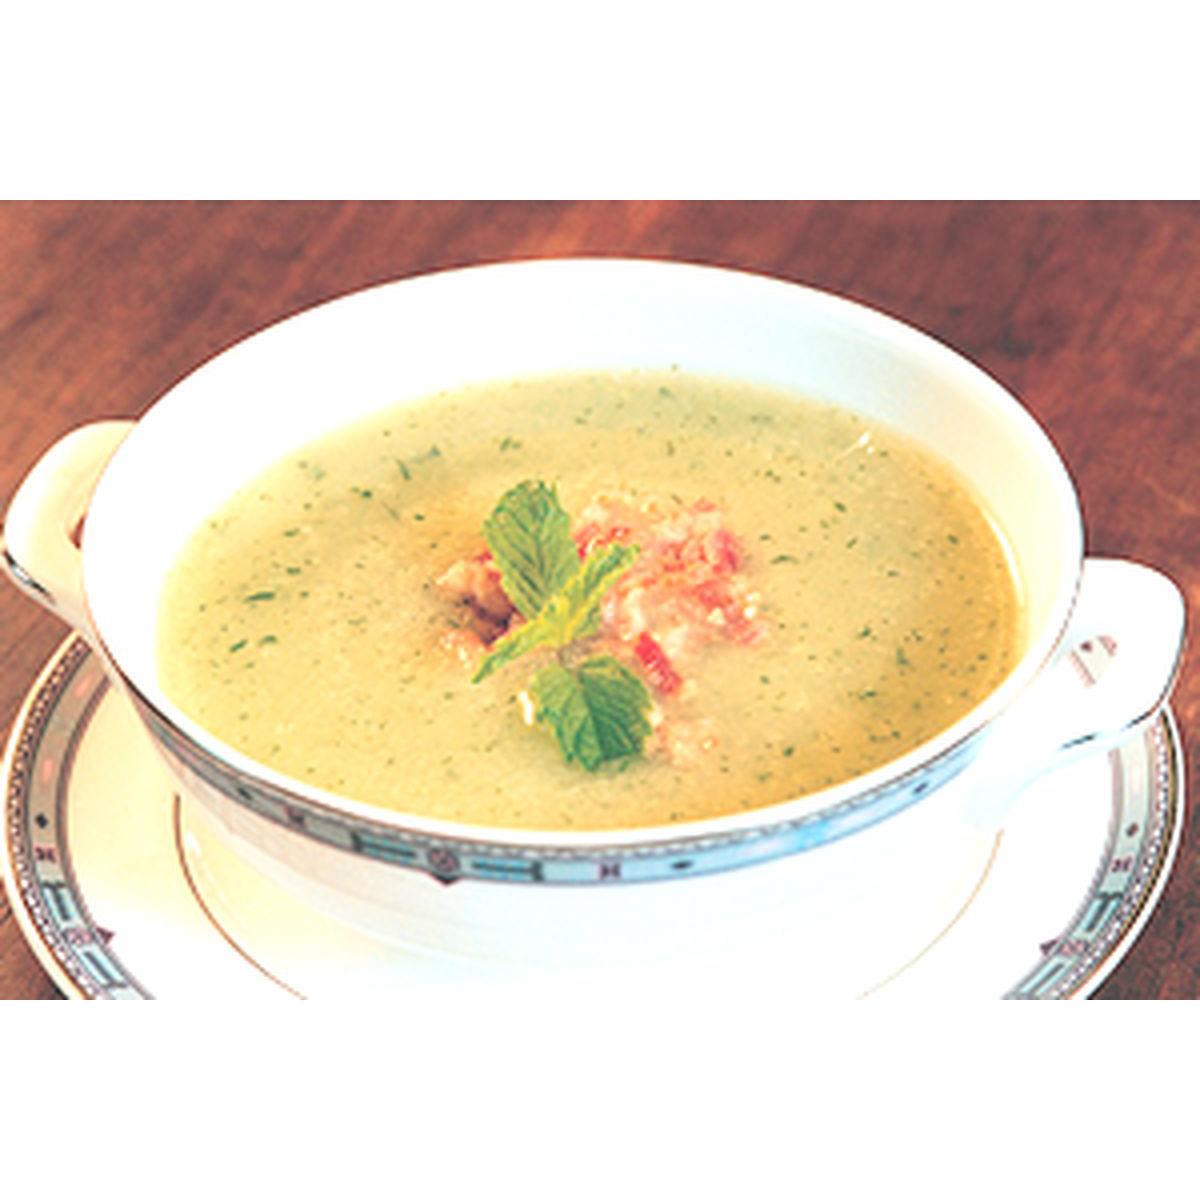 食譜:馬鈴薯冷湯